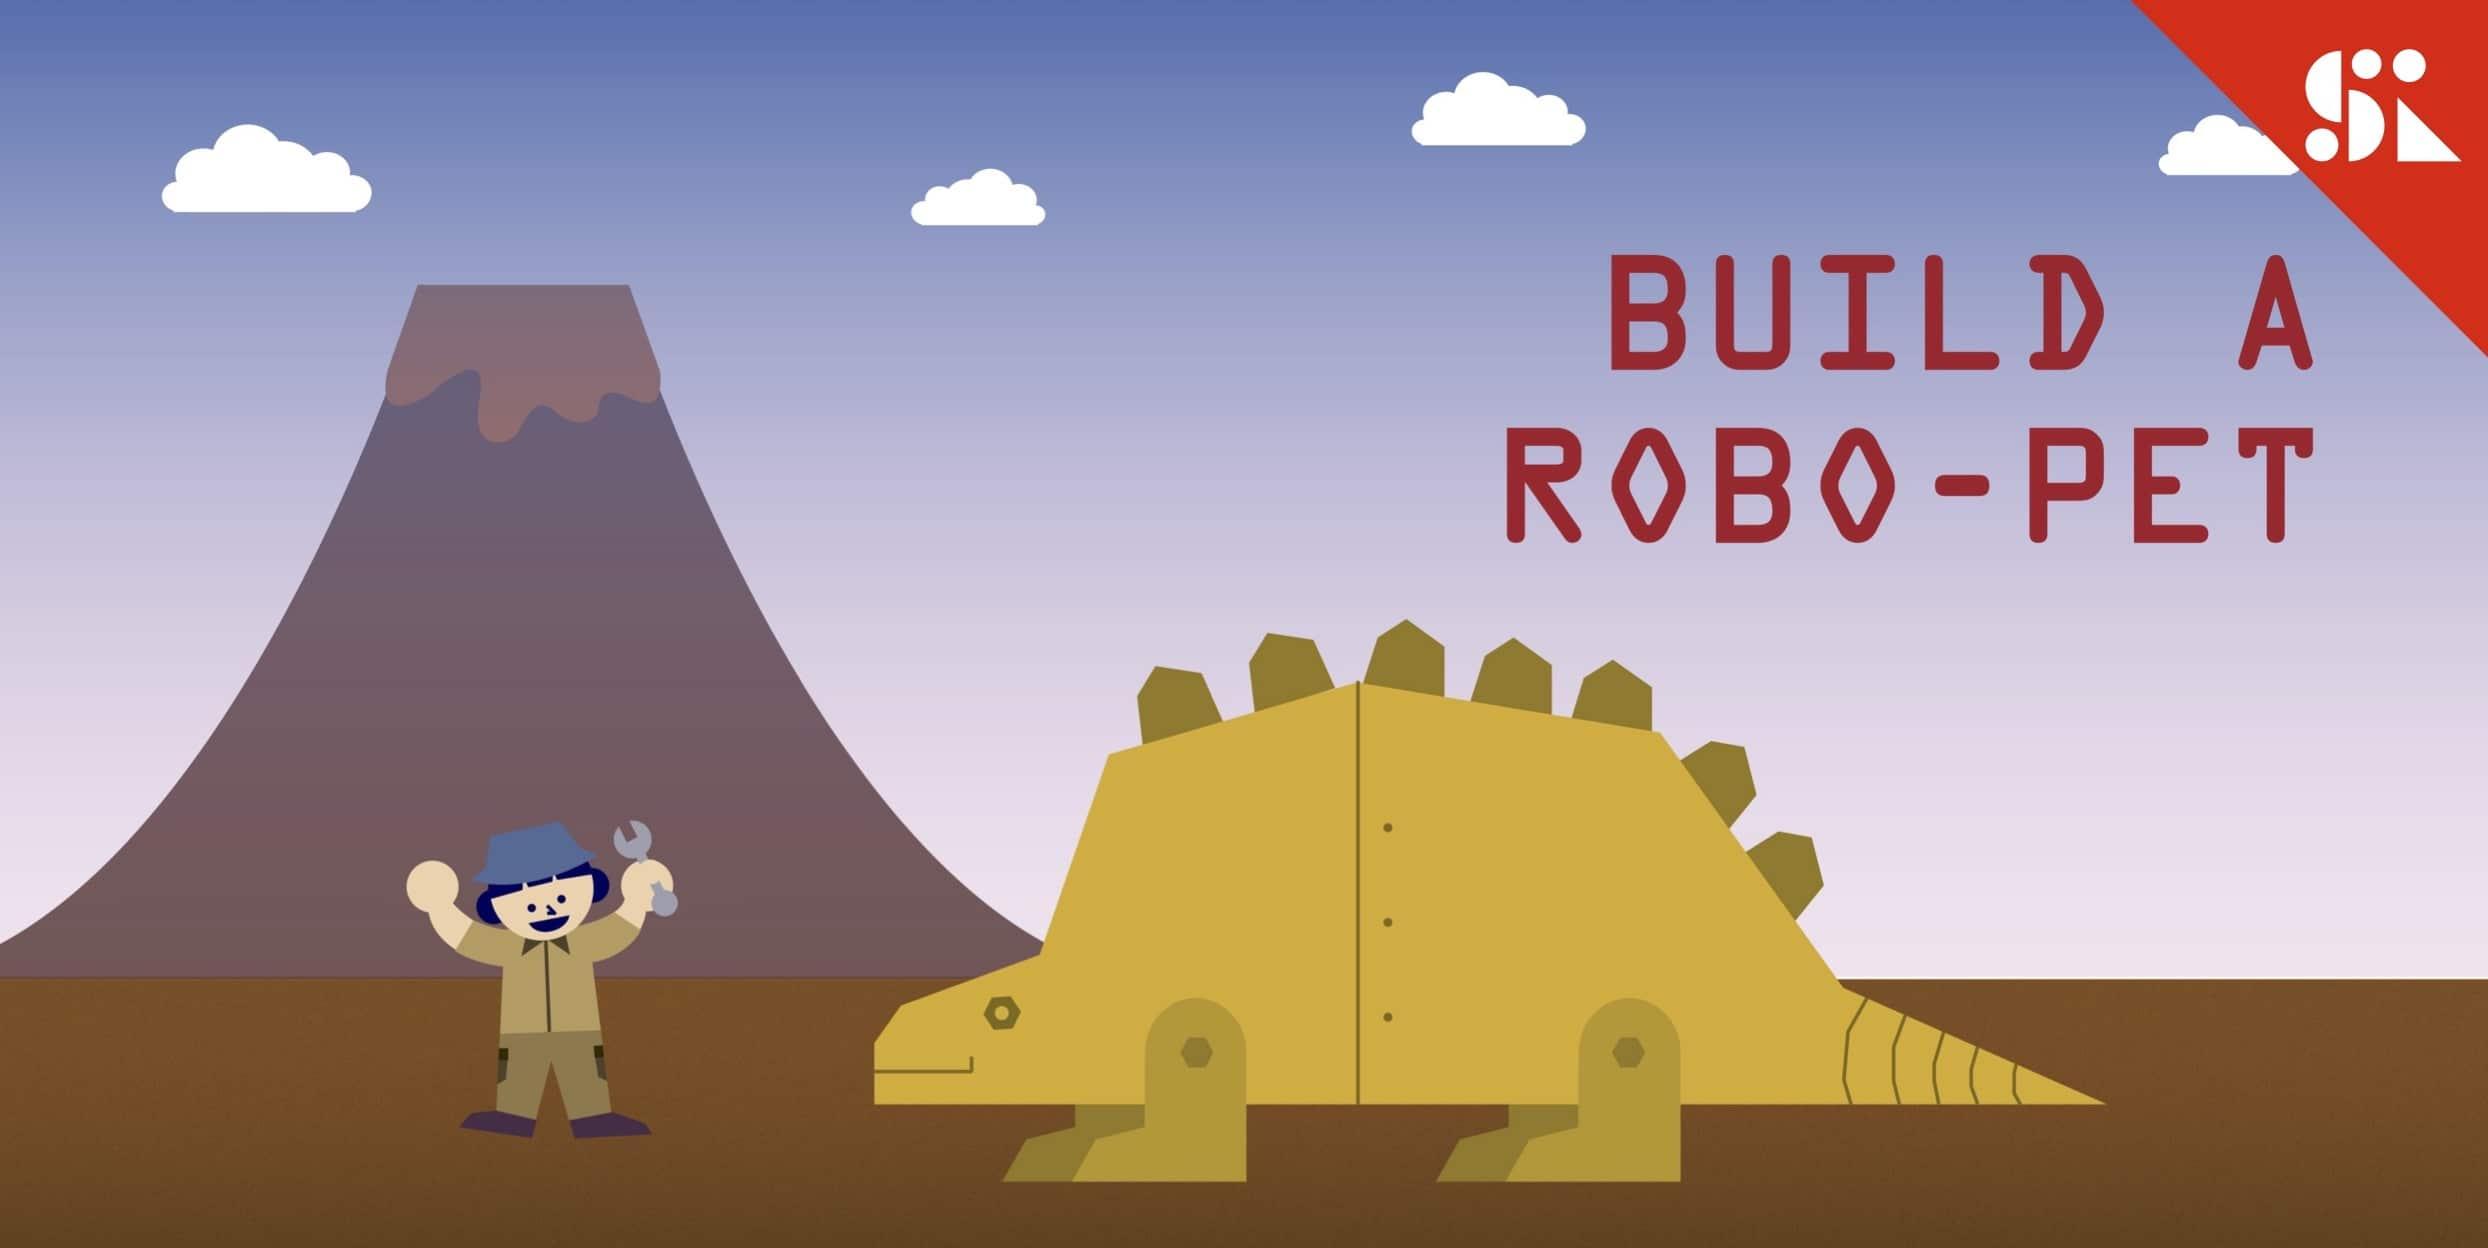 build robopet 3hr course cover